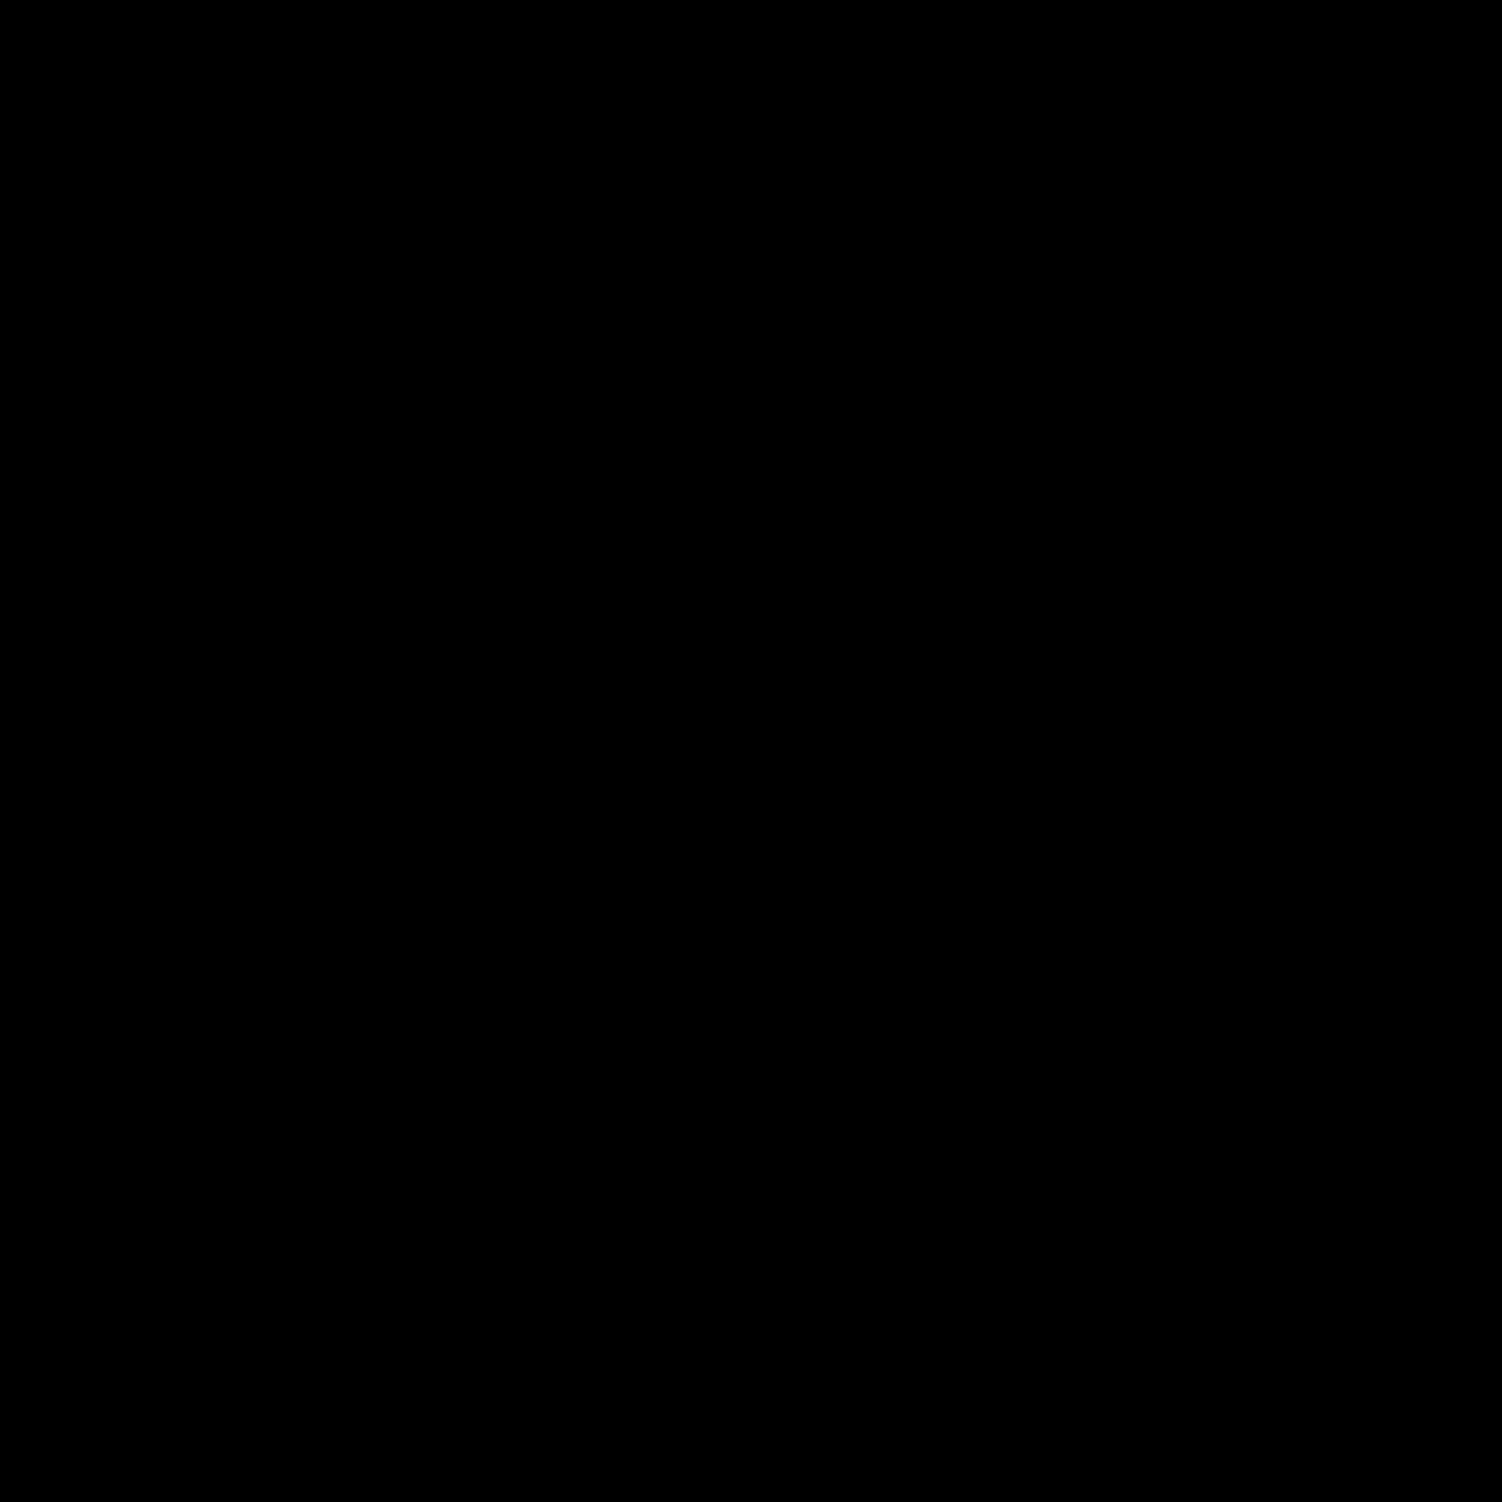 Étiquette carrée 50 * 50 mm